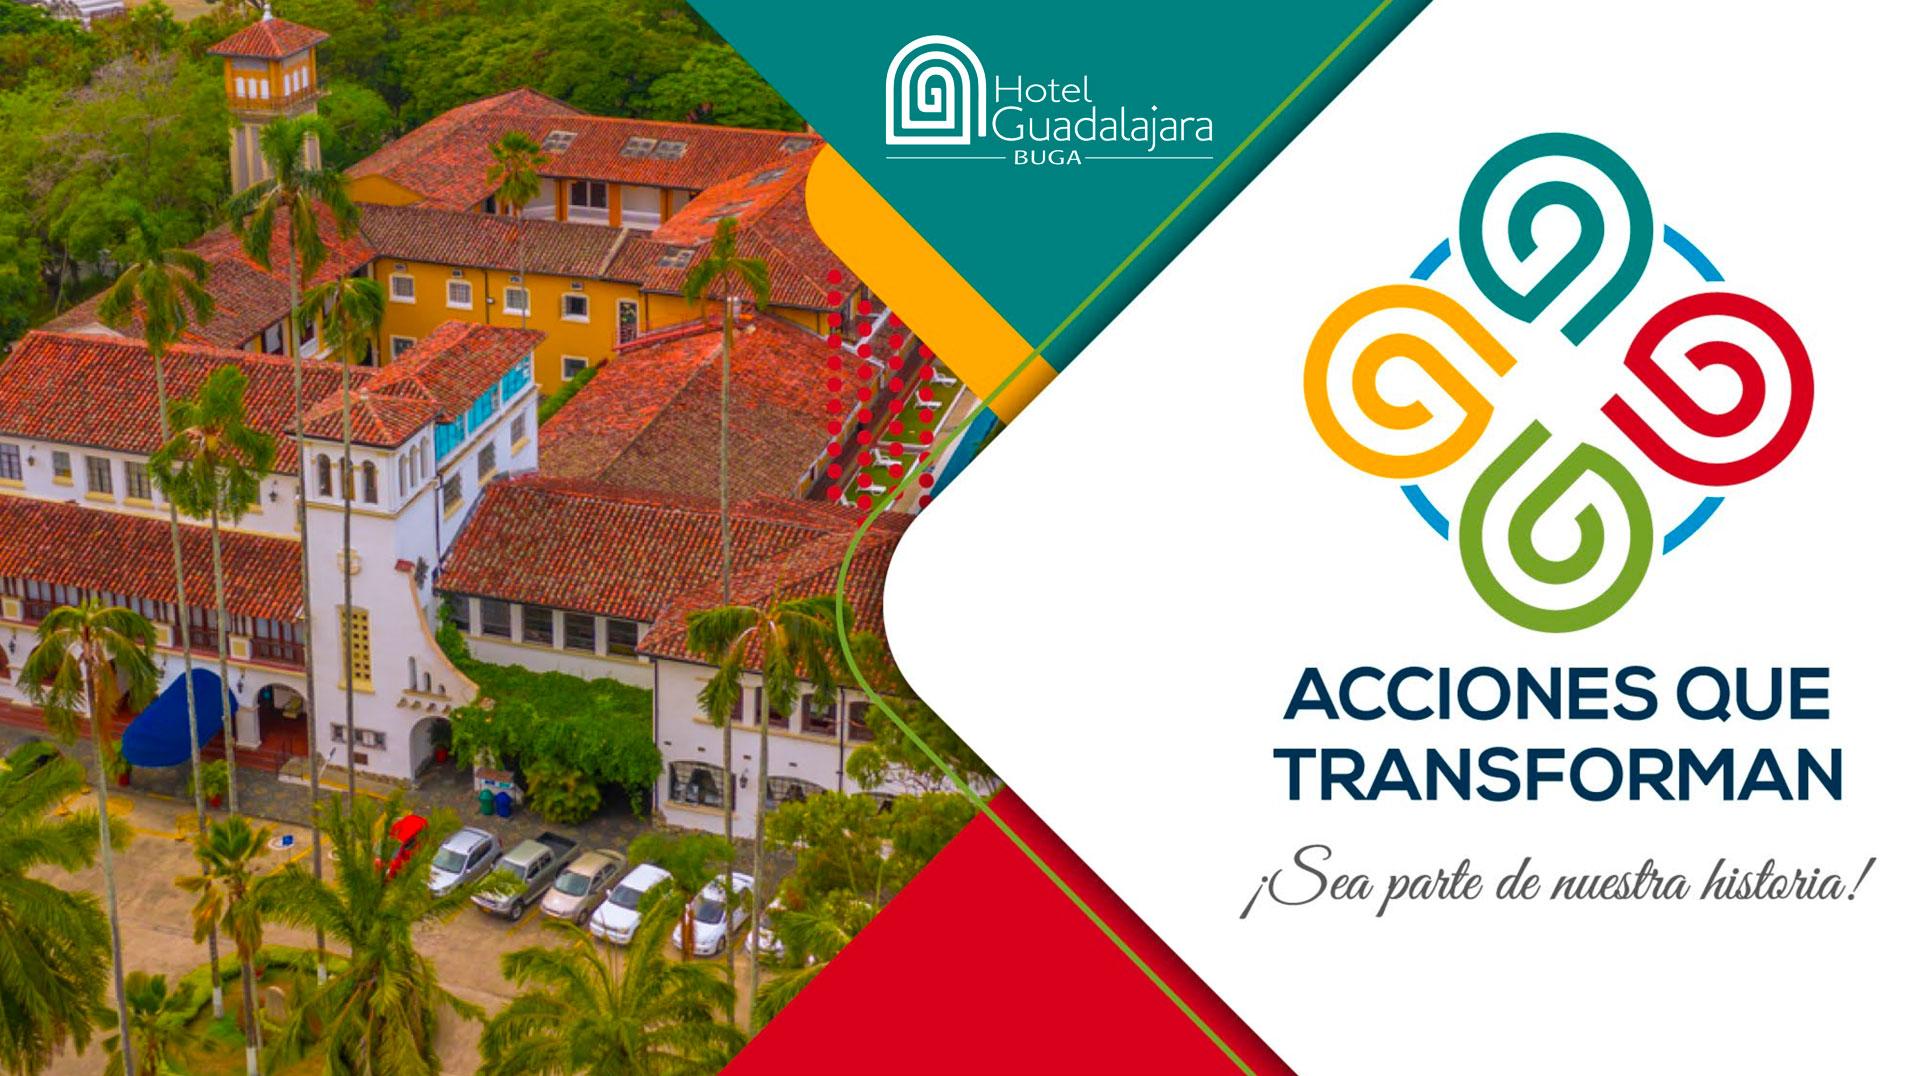 acciones-que-transforman-hotel-guadalajara